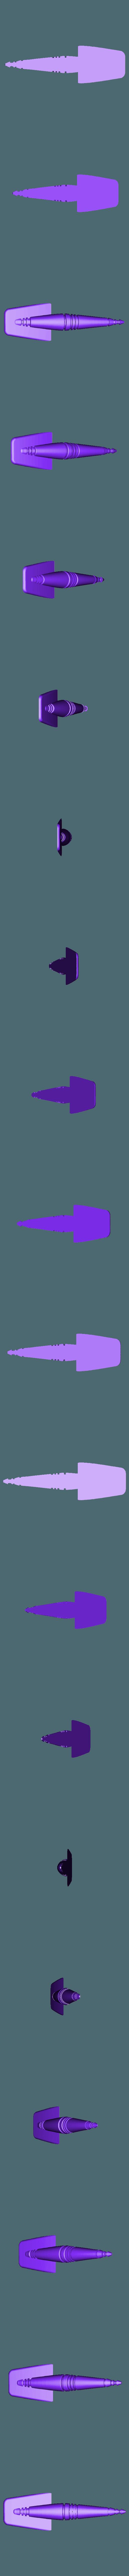 scalosian_part_1_v1.stl Télécharger fichier STL gratuit Arme scalosienne TOS • Objet à imprimer en 3D, poblocki1982